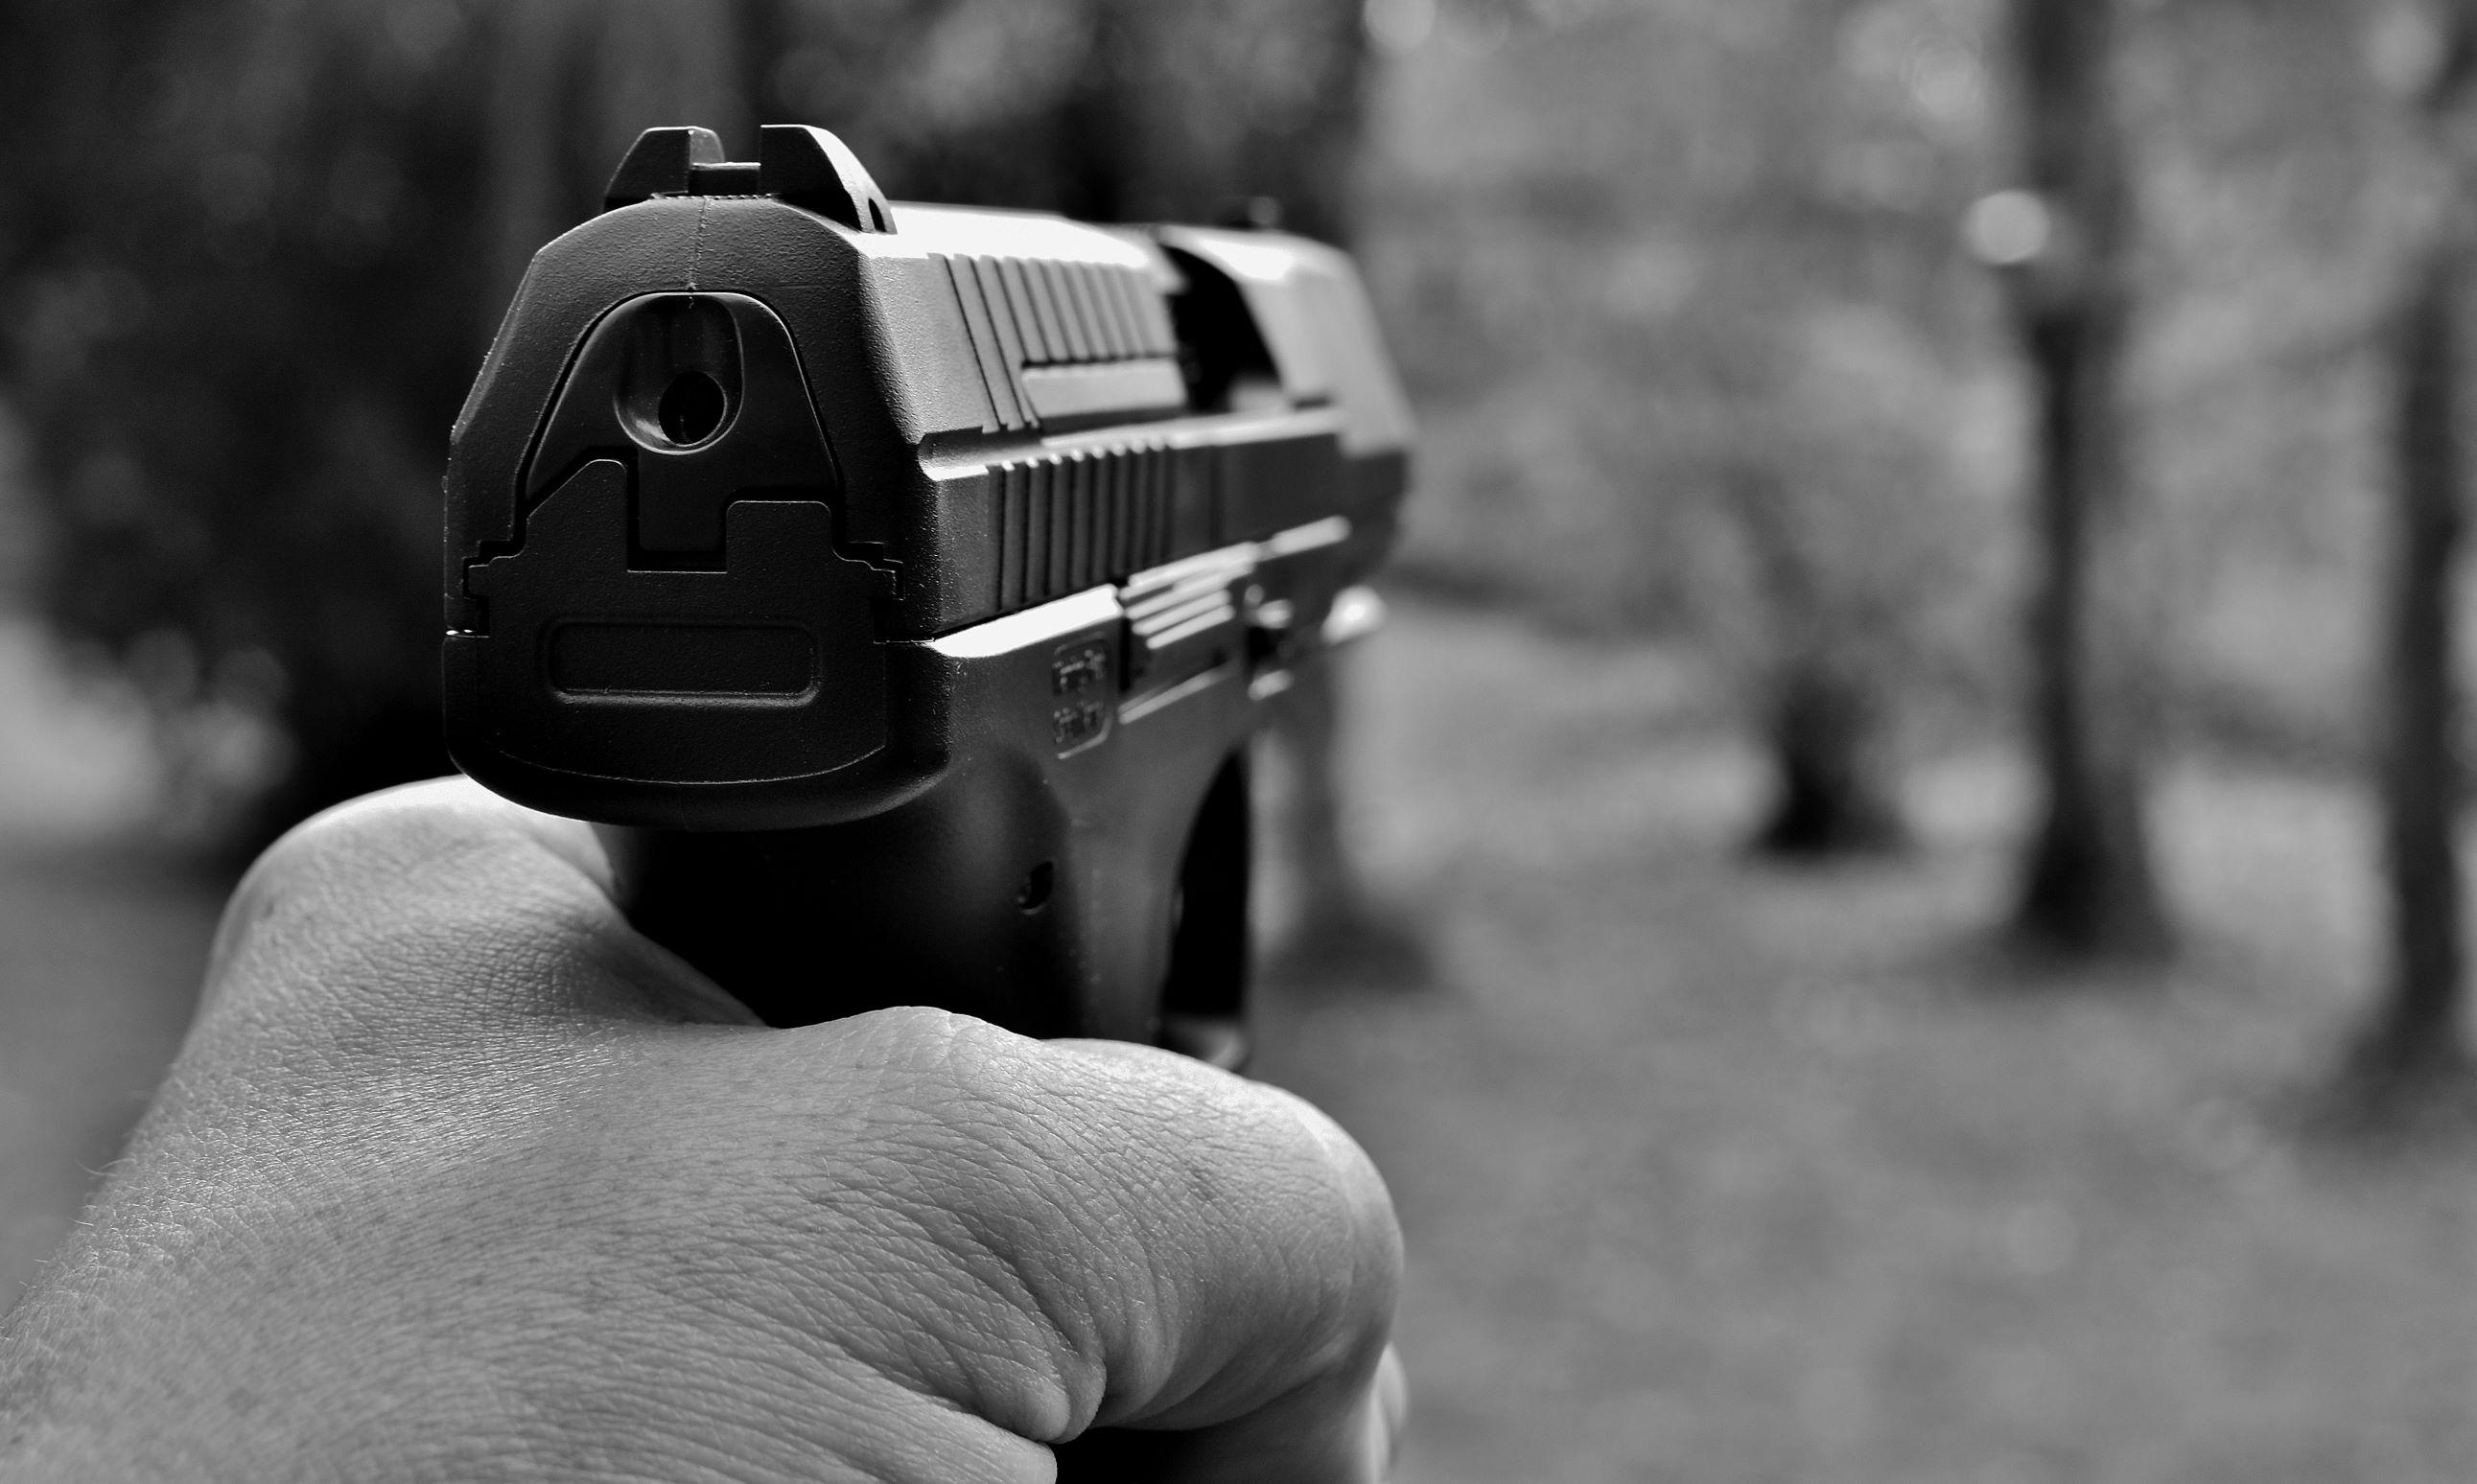 Contraste nas mortes violentas no Brasil e em São Paulo – Por Artur Zimerman (UFABC) e Lucas Younes Natacci (UFABC)